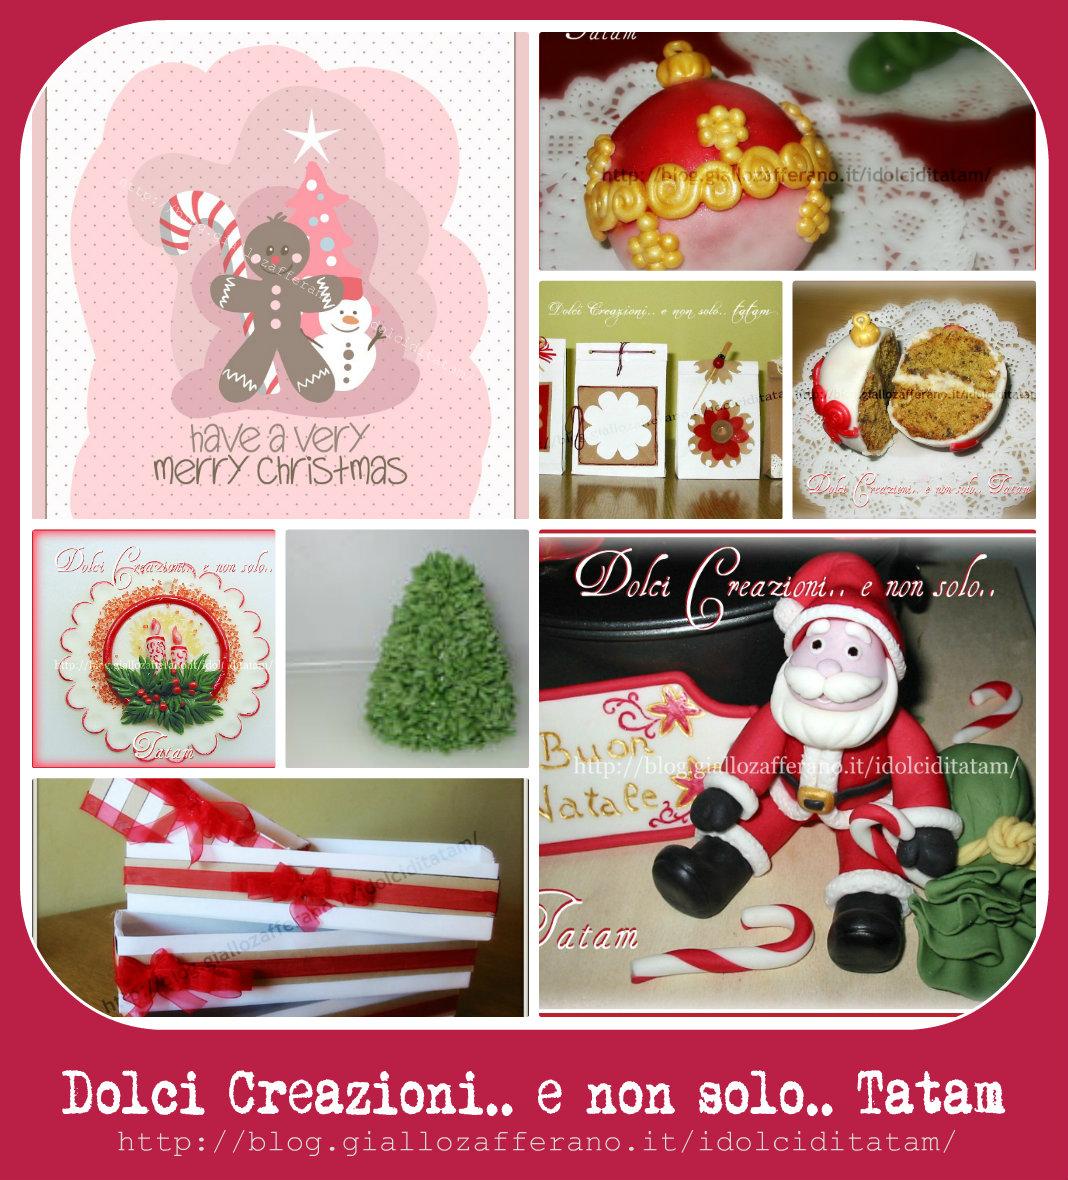 Favoloso Idee regalo e Decorazioni Fai da te | per le festività | tatam blog CD89